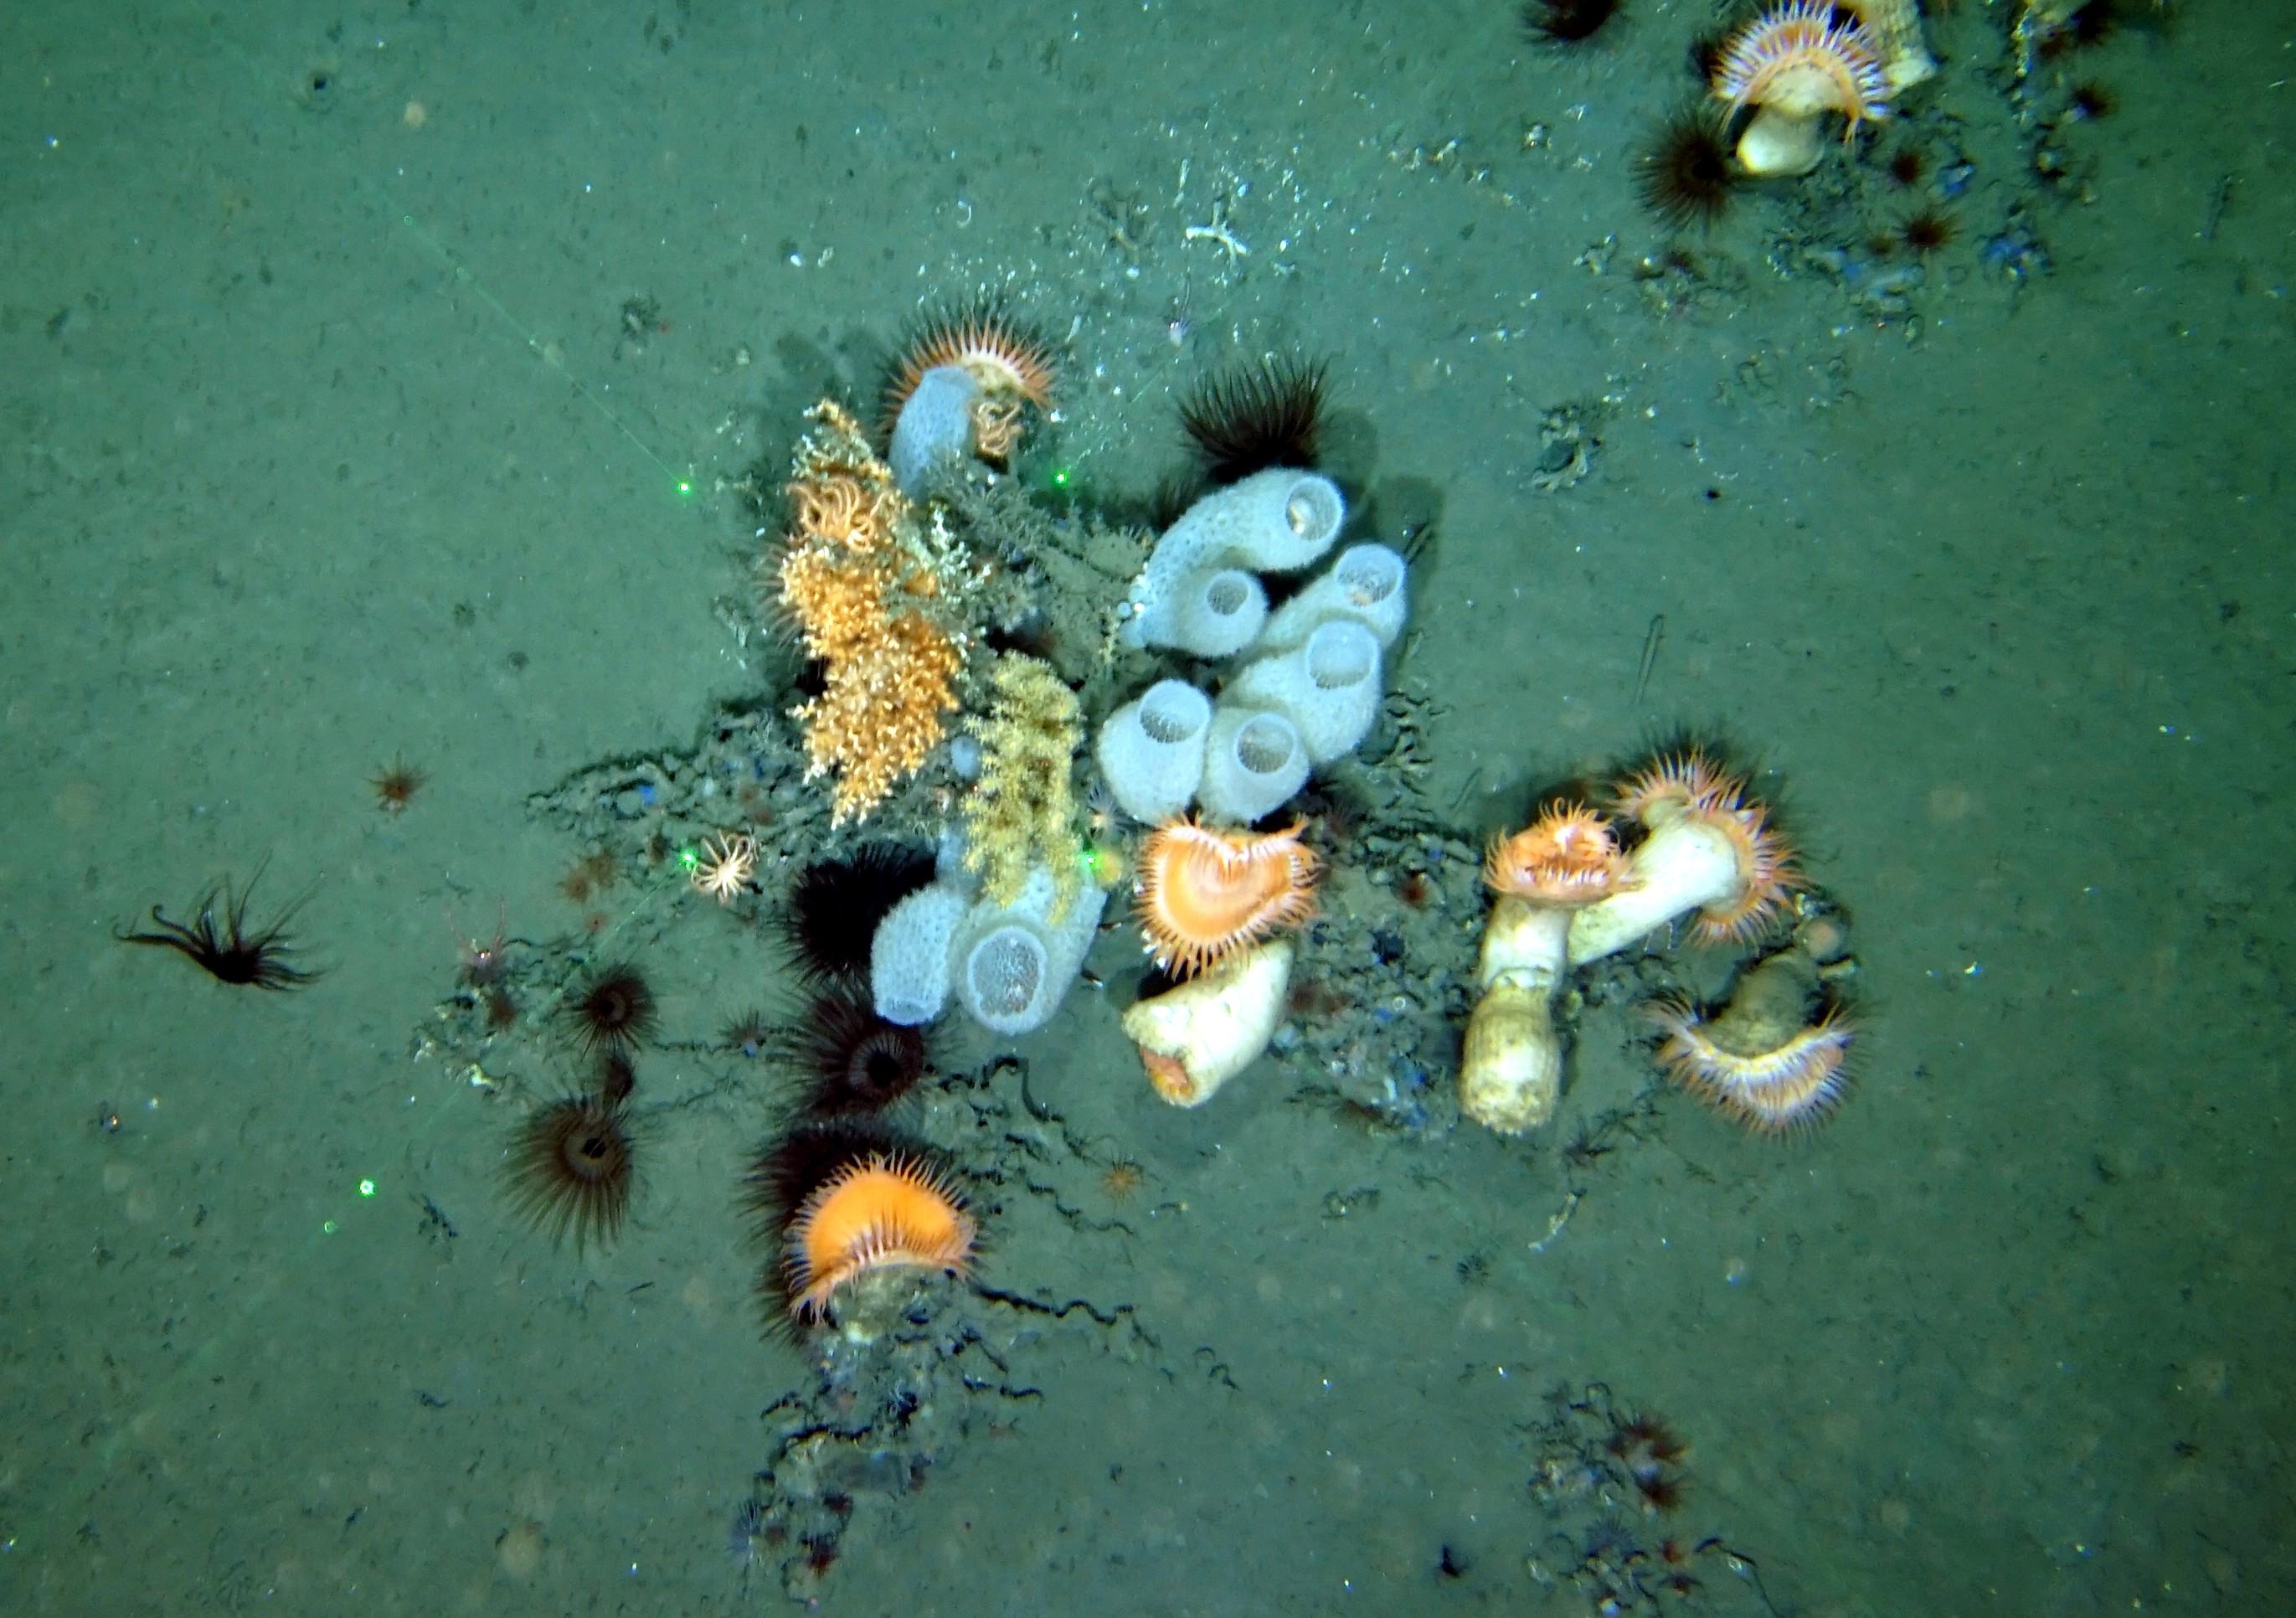 Fondos submarinos profundos recientemente fotografiados por el IEO